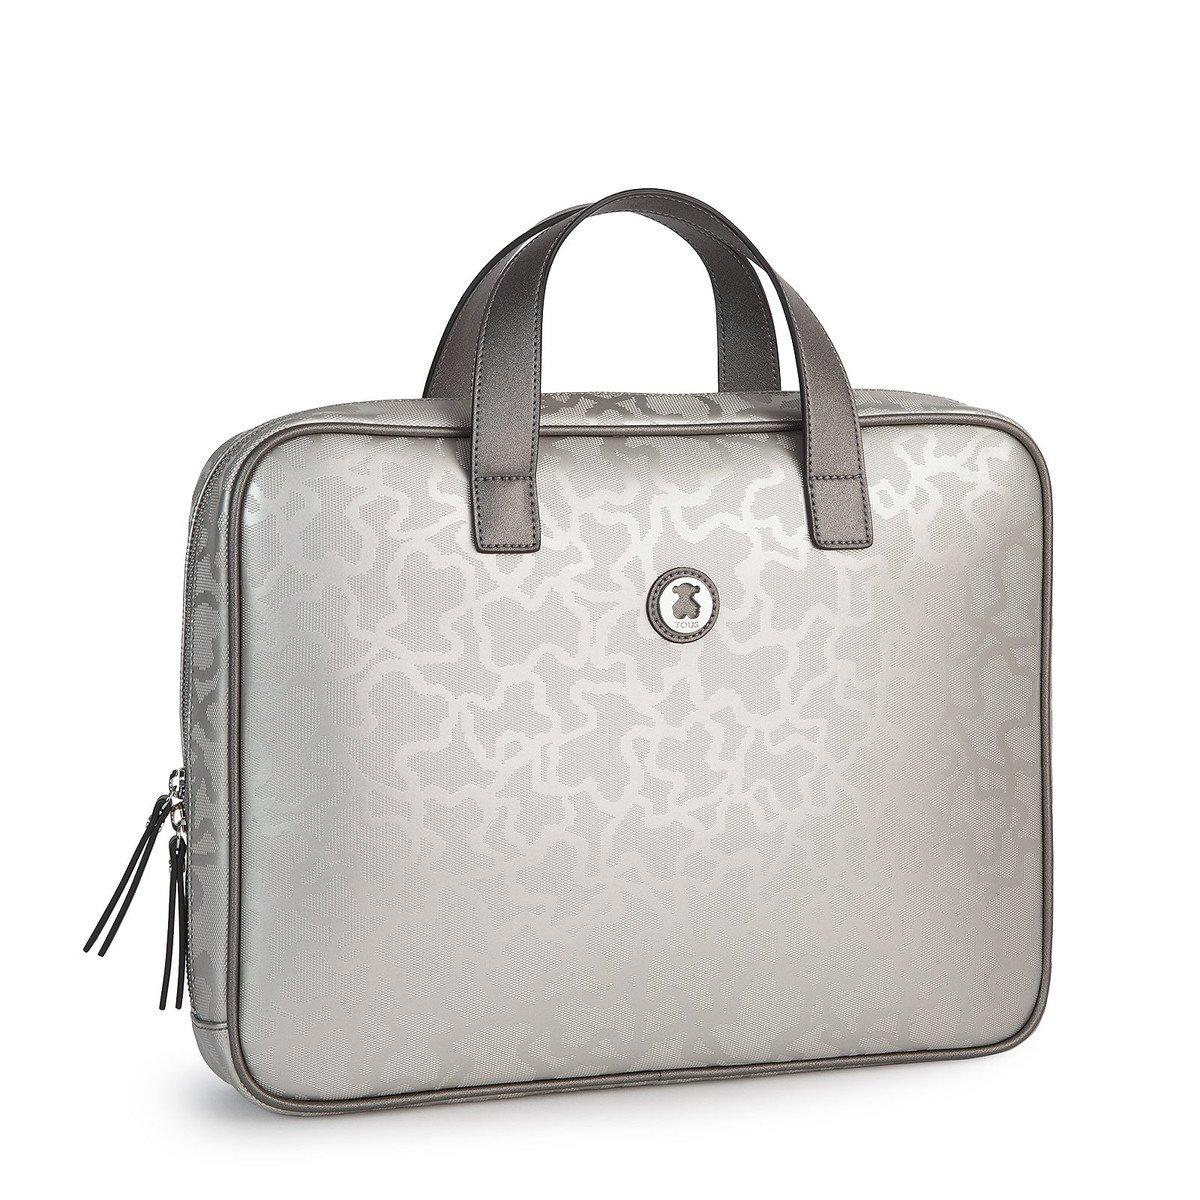 Maletín Kaos Shiny en color plata